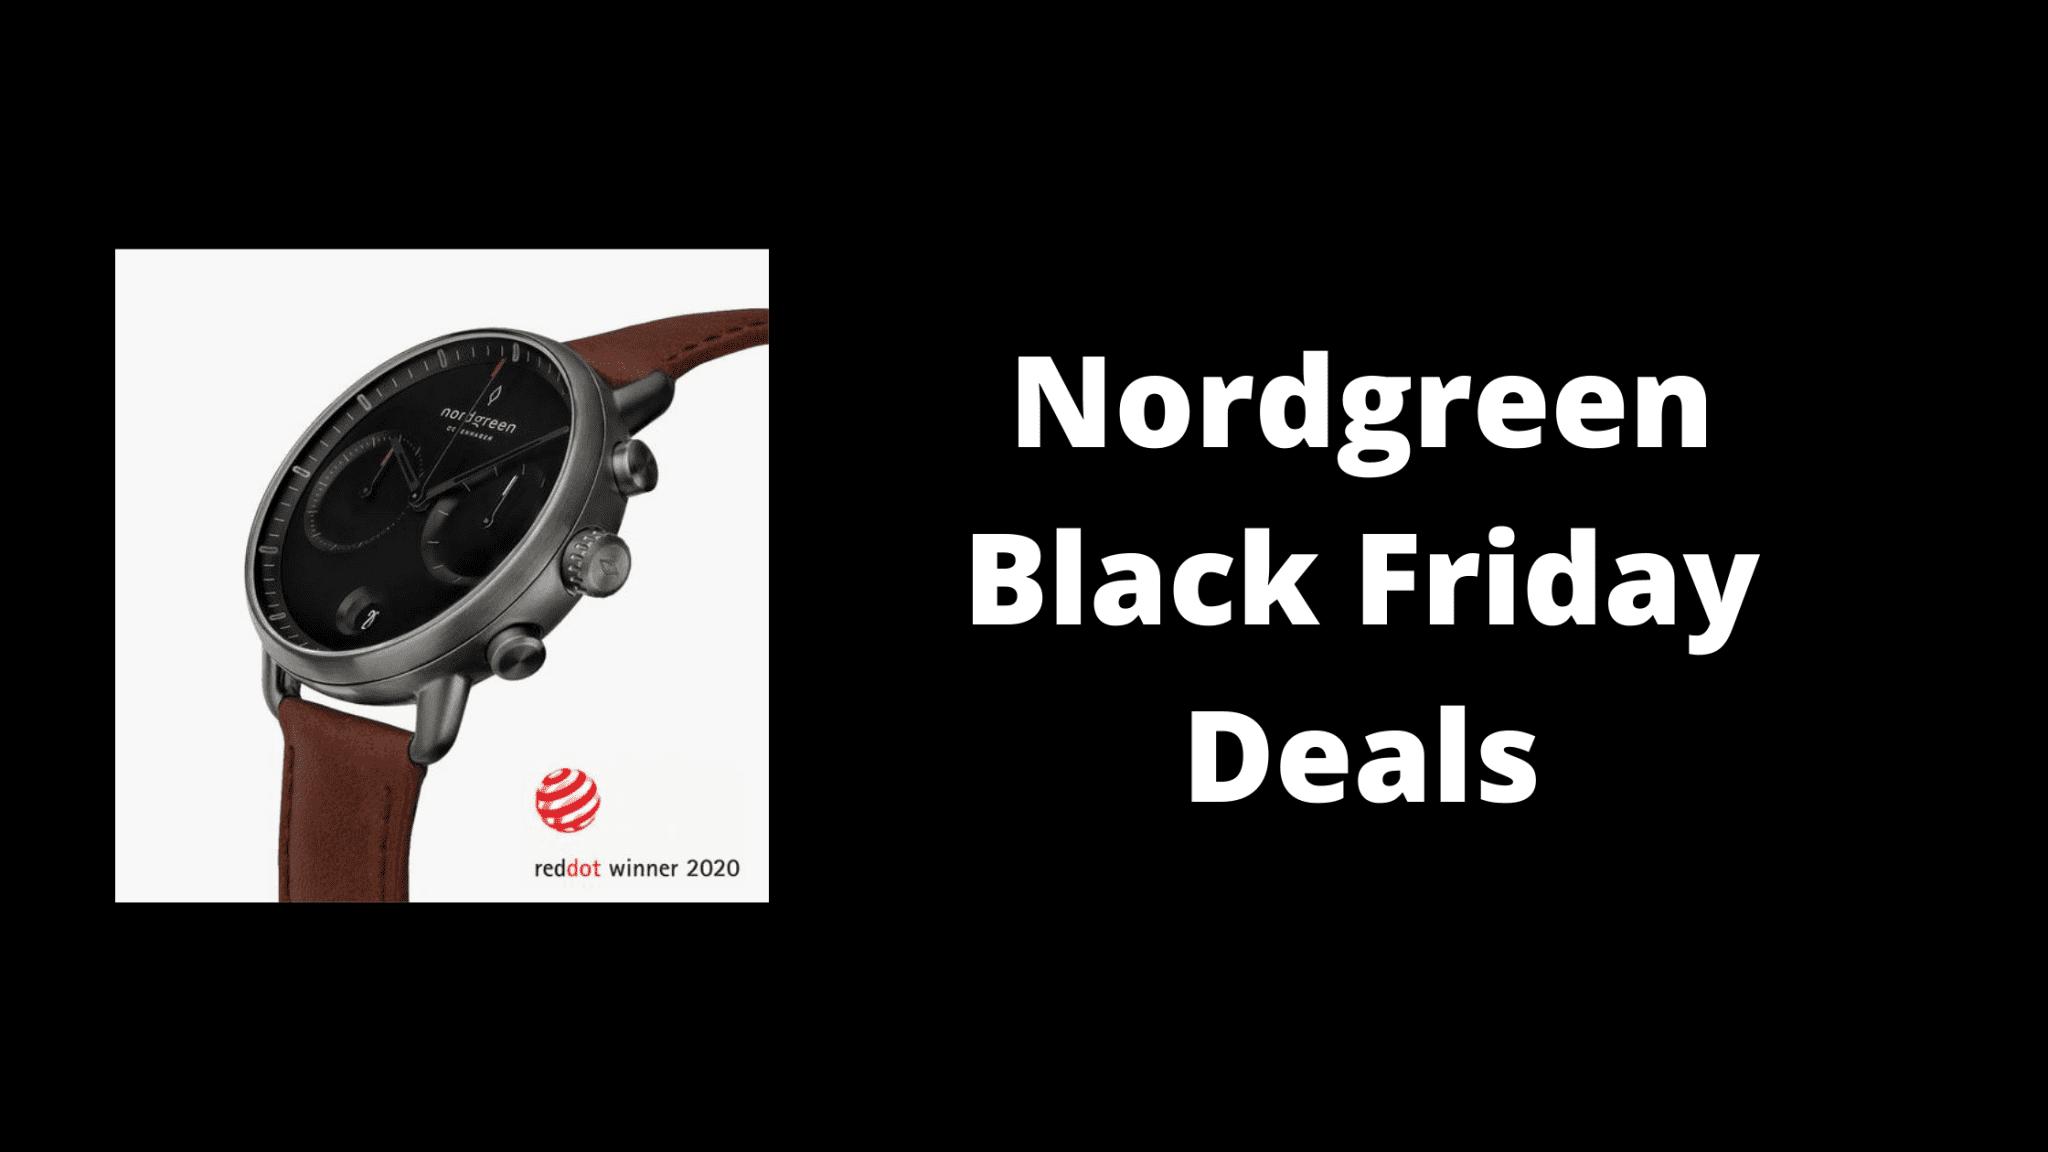 Nordgreen Black Friday Deals